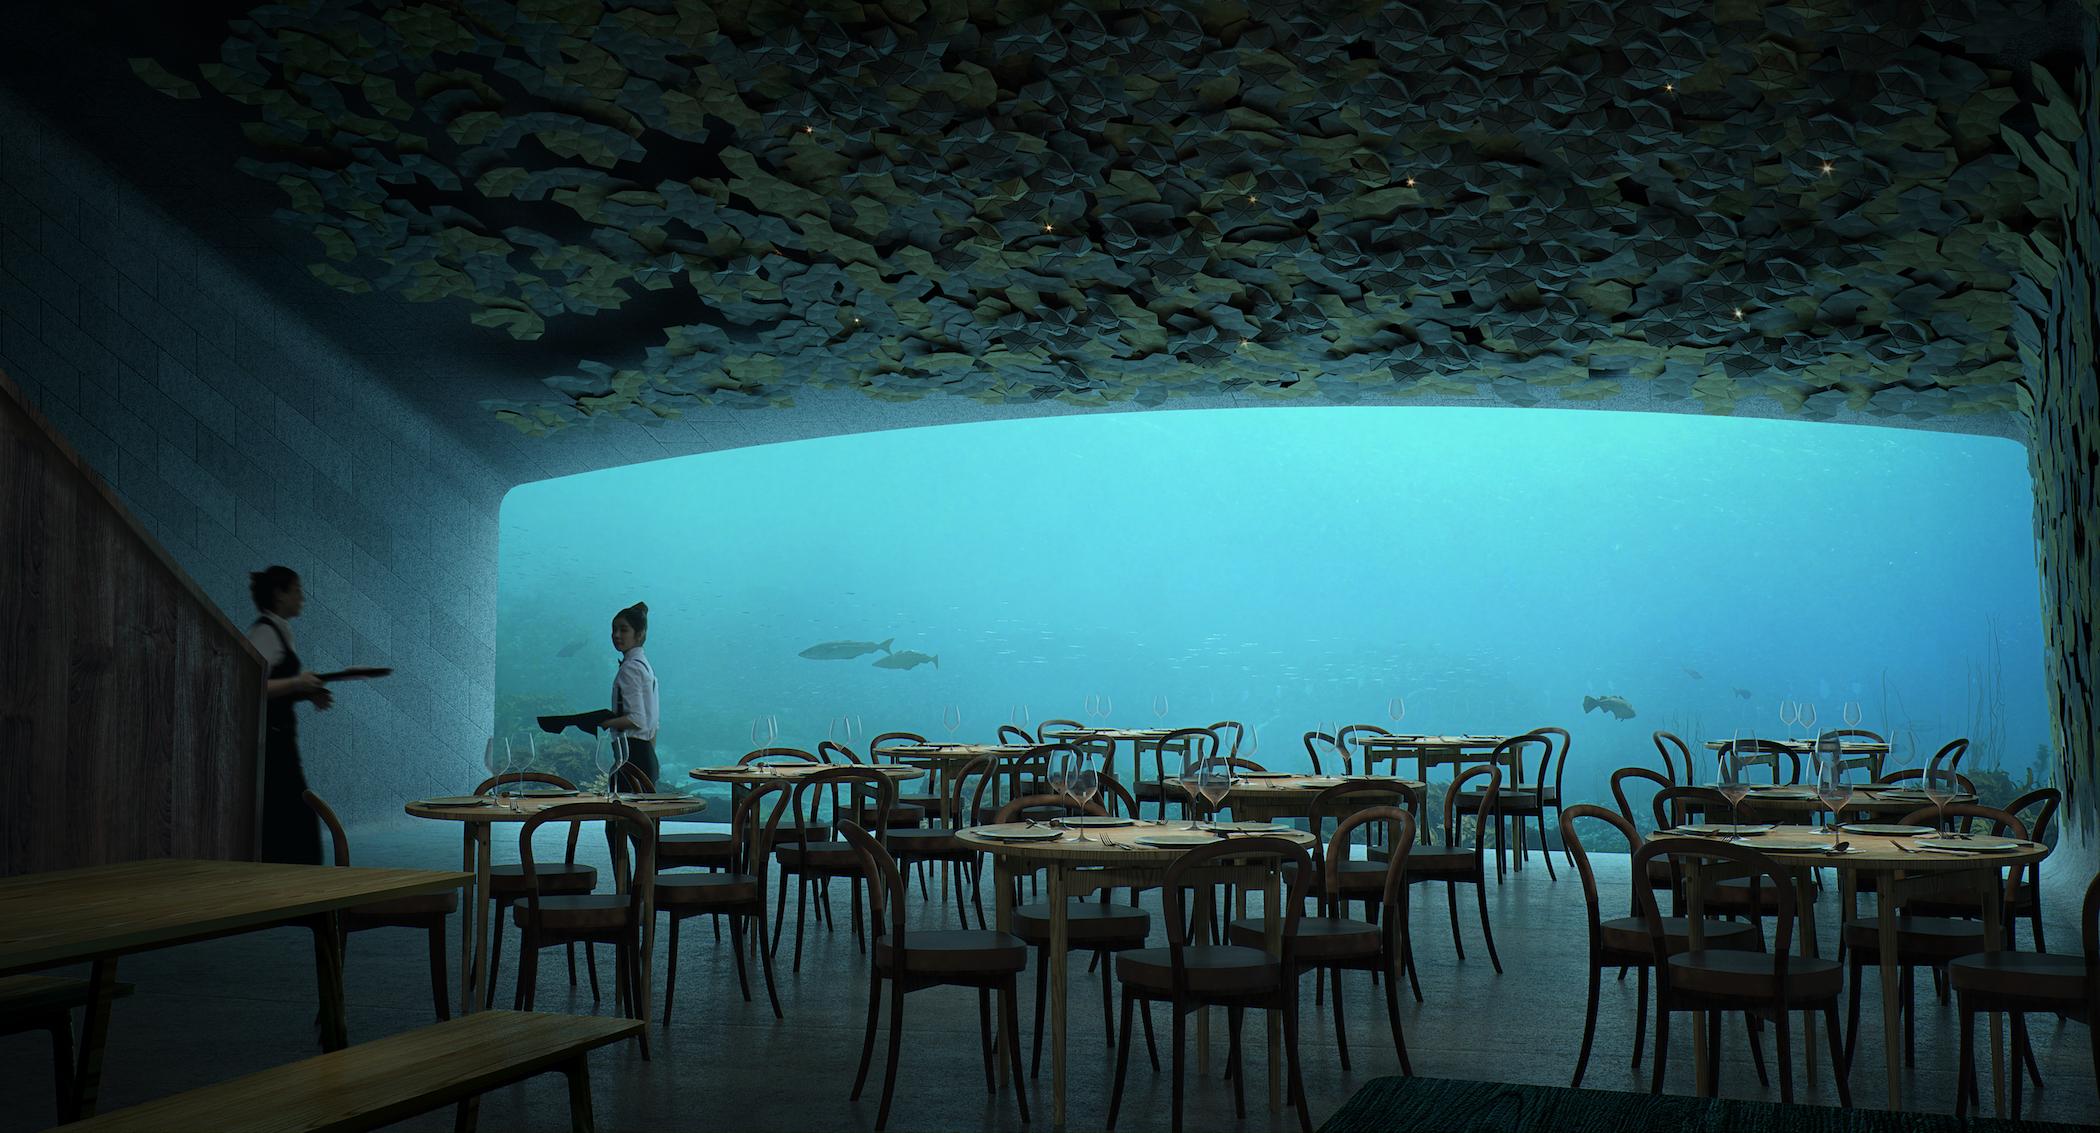 Restaurante Under en Noruega. Proyecto de arquitectura del paisaje de Snøhetta